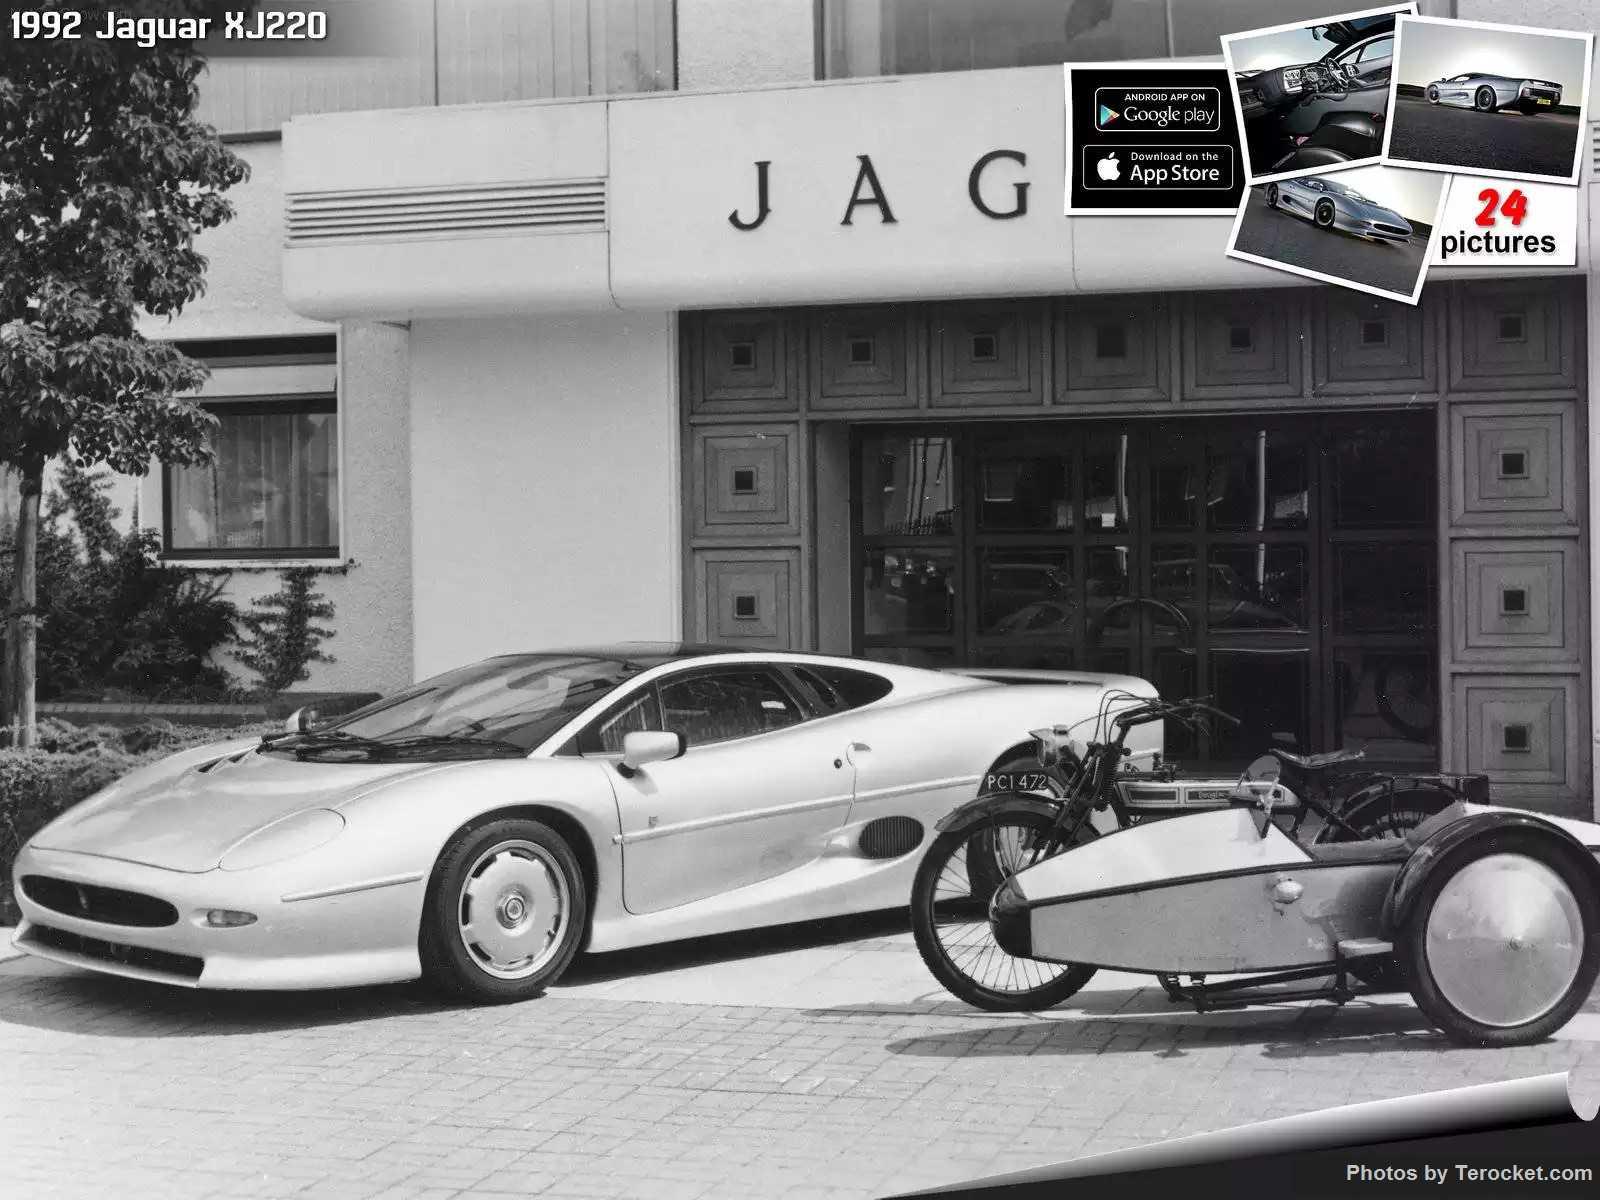 Hình ảnh xe ô tô Jaguar XJ220 1992 & nội ngoại thất